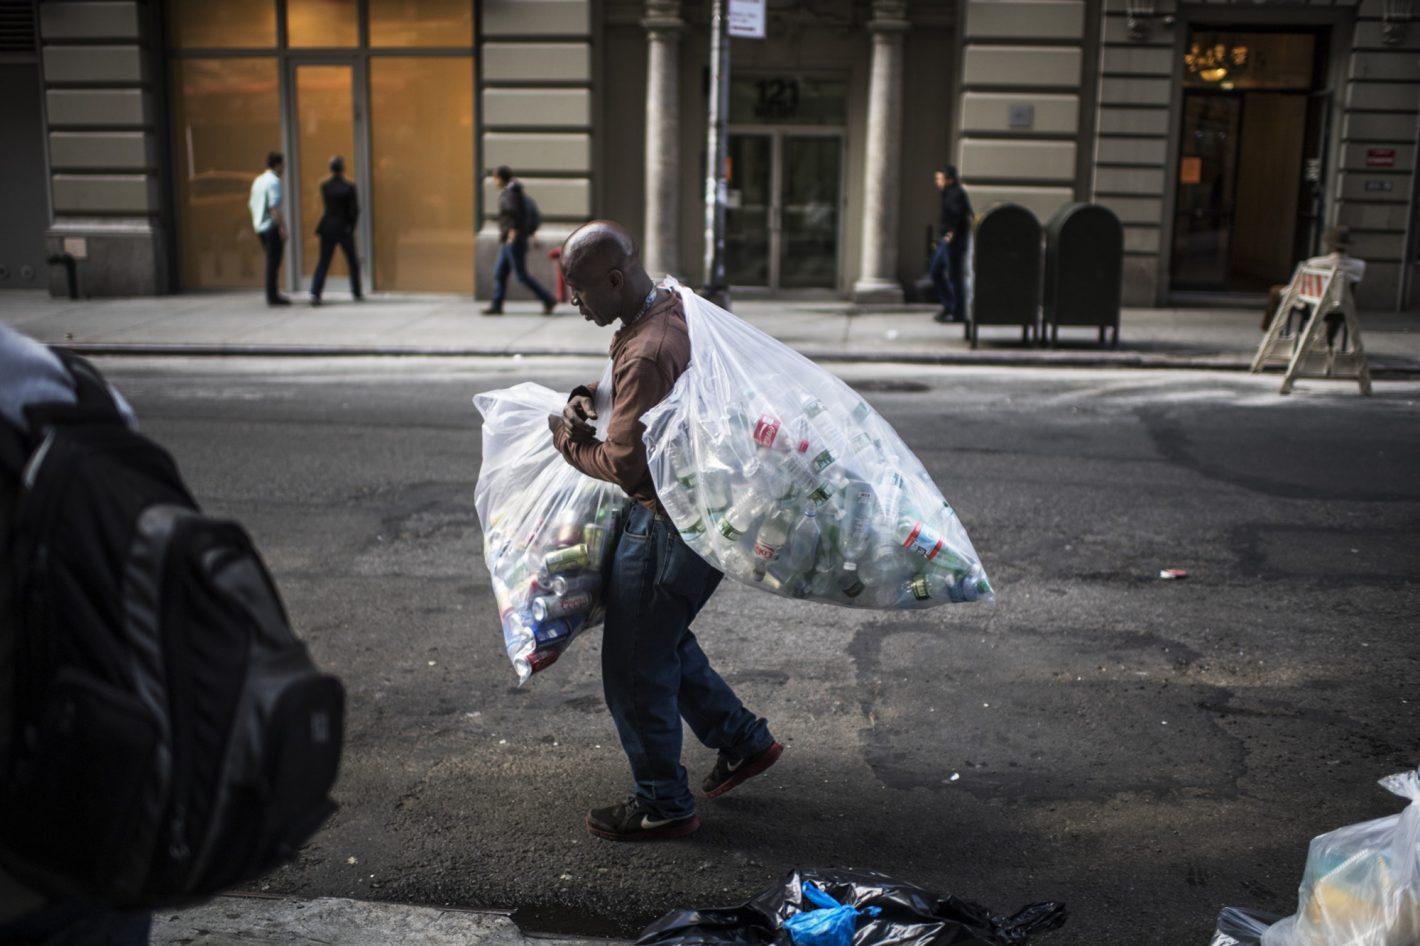 Un homme gagnant sa vie à New York en ramassant des bouteilles en plastique – photo prise avec le D5 + AF-S NIKKOR 35mm f/1.4G | 1/1250 s |f/1.4 | ISO 250 | © Kadir van Lohuizen